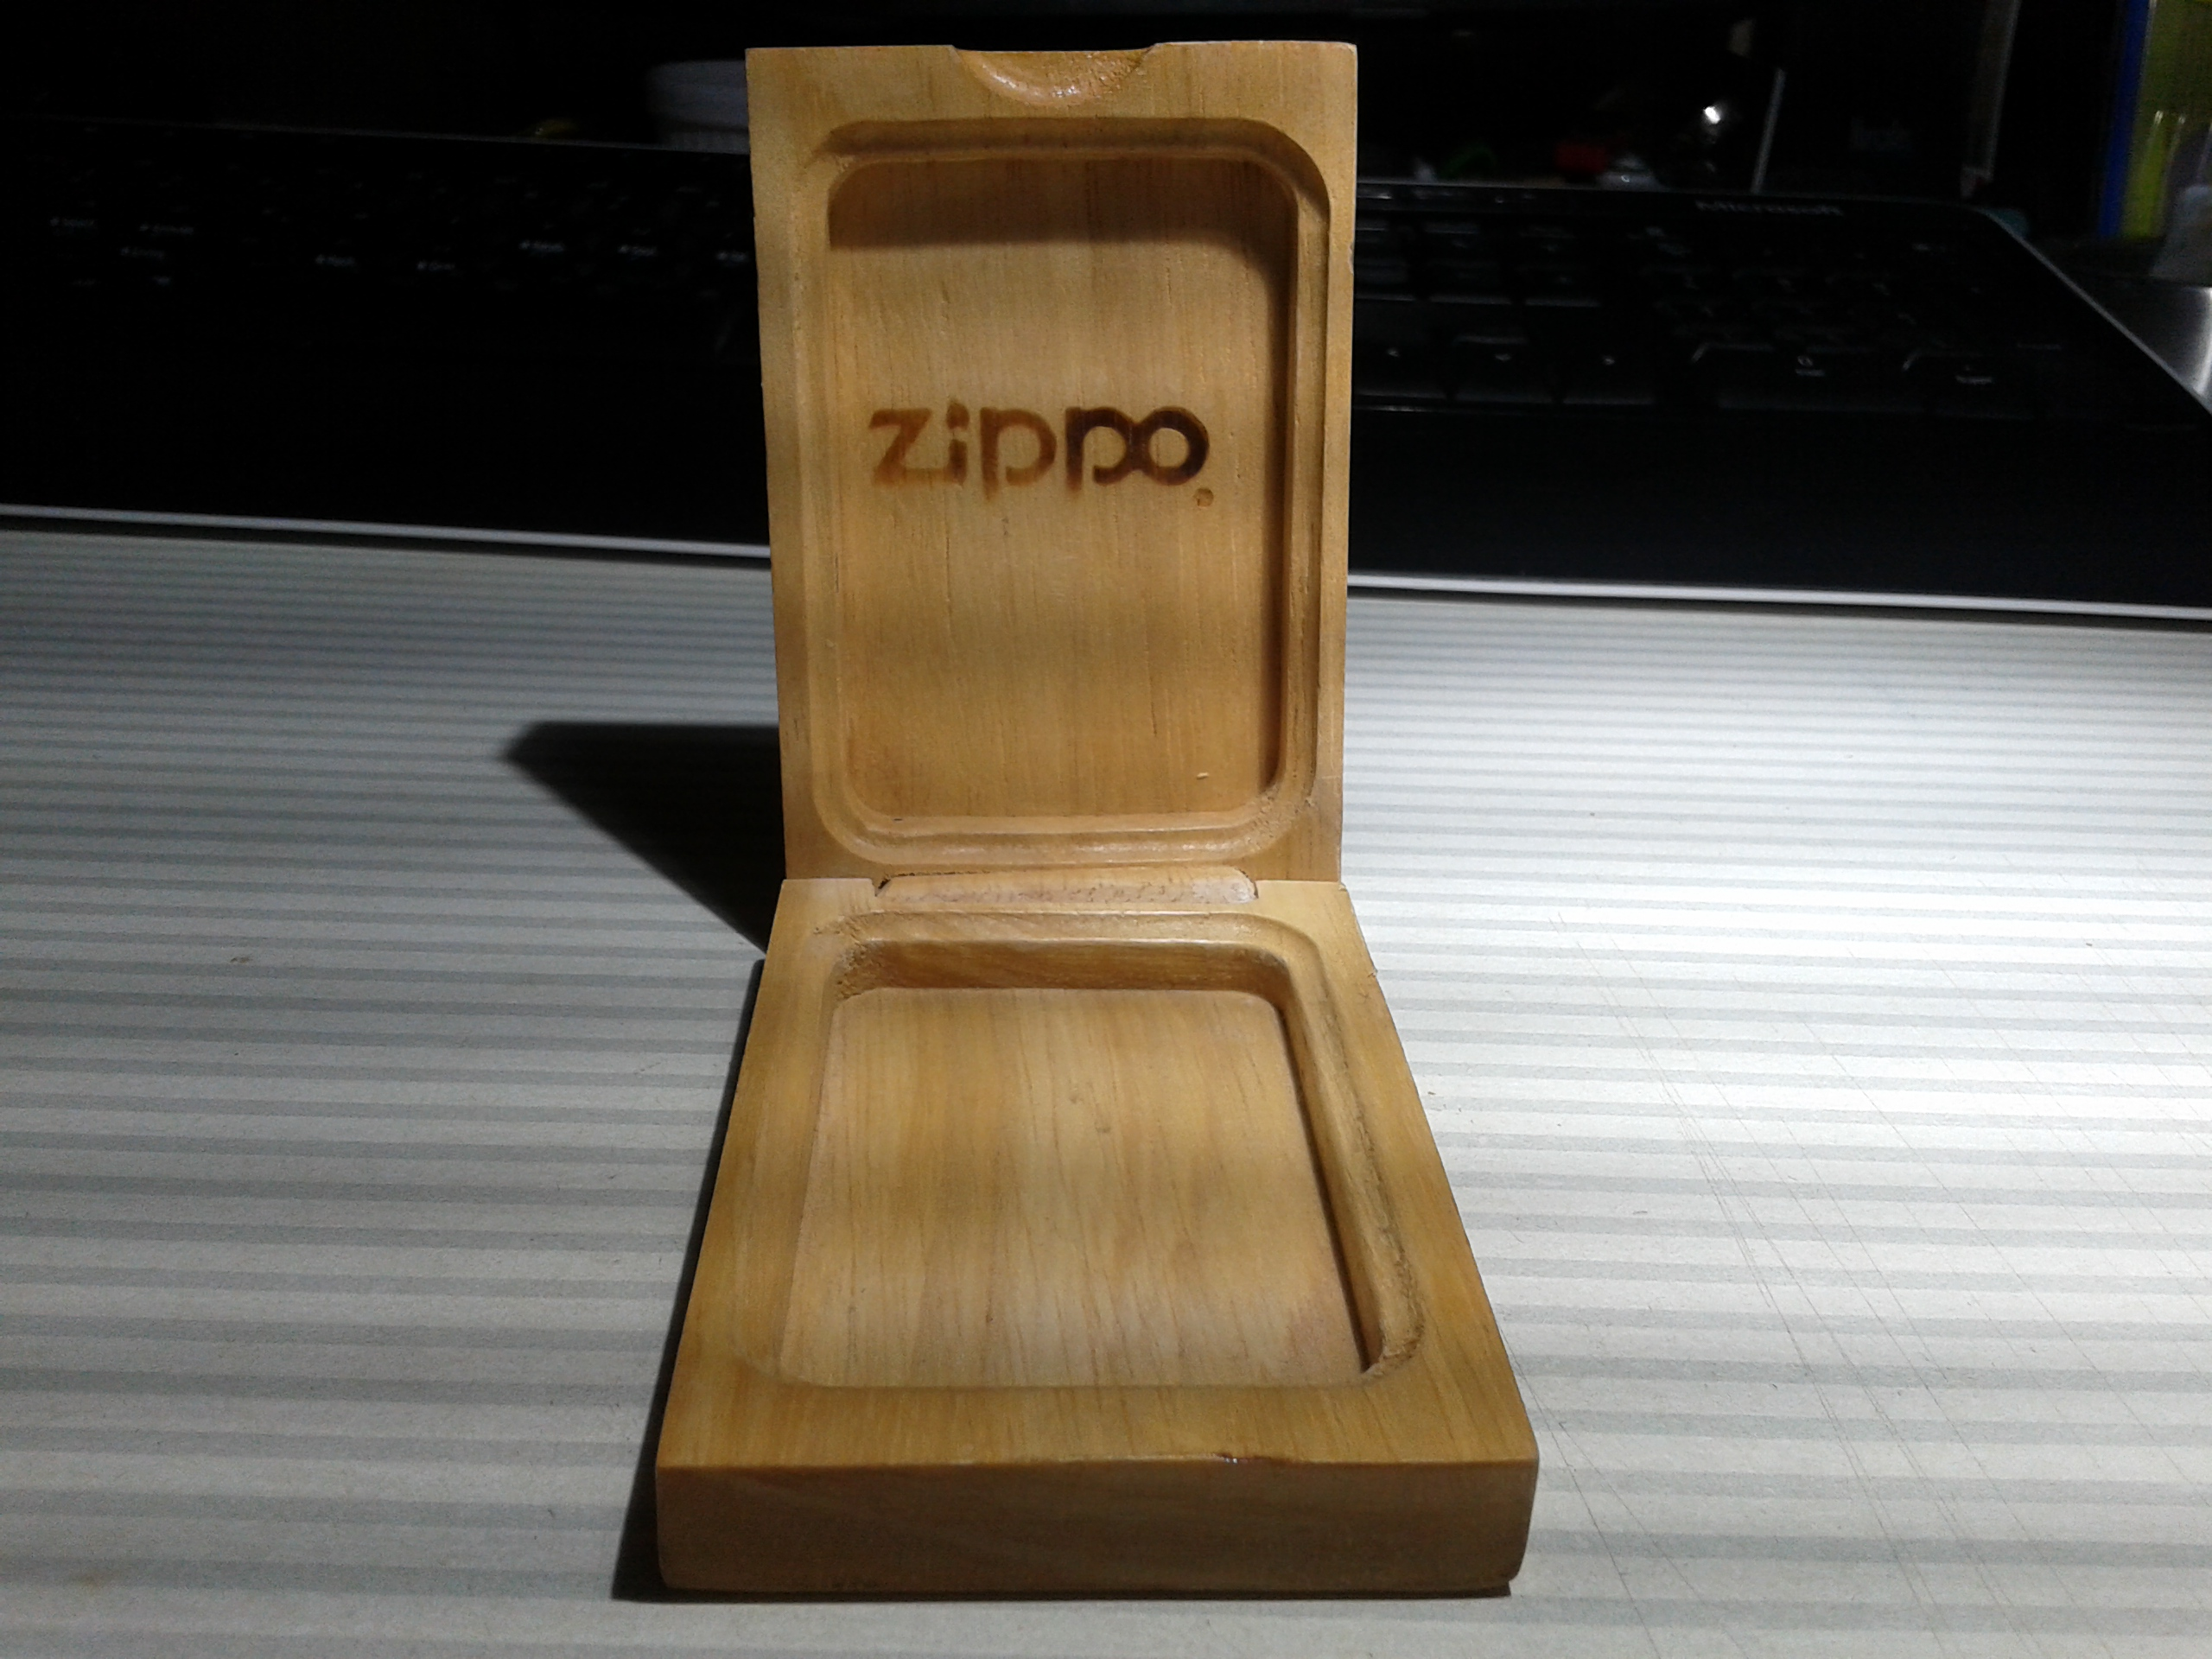 Les boites Zippo au fil du temps - Page 2 242381Prestige2